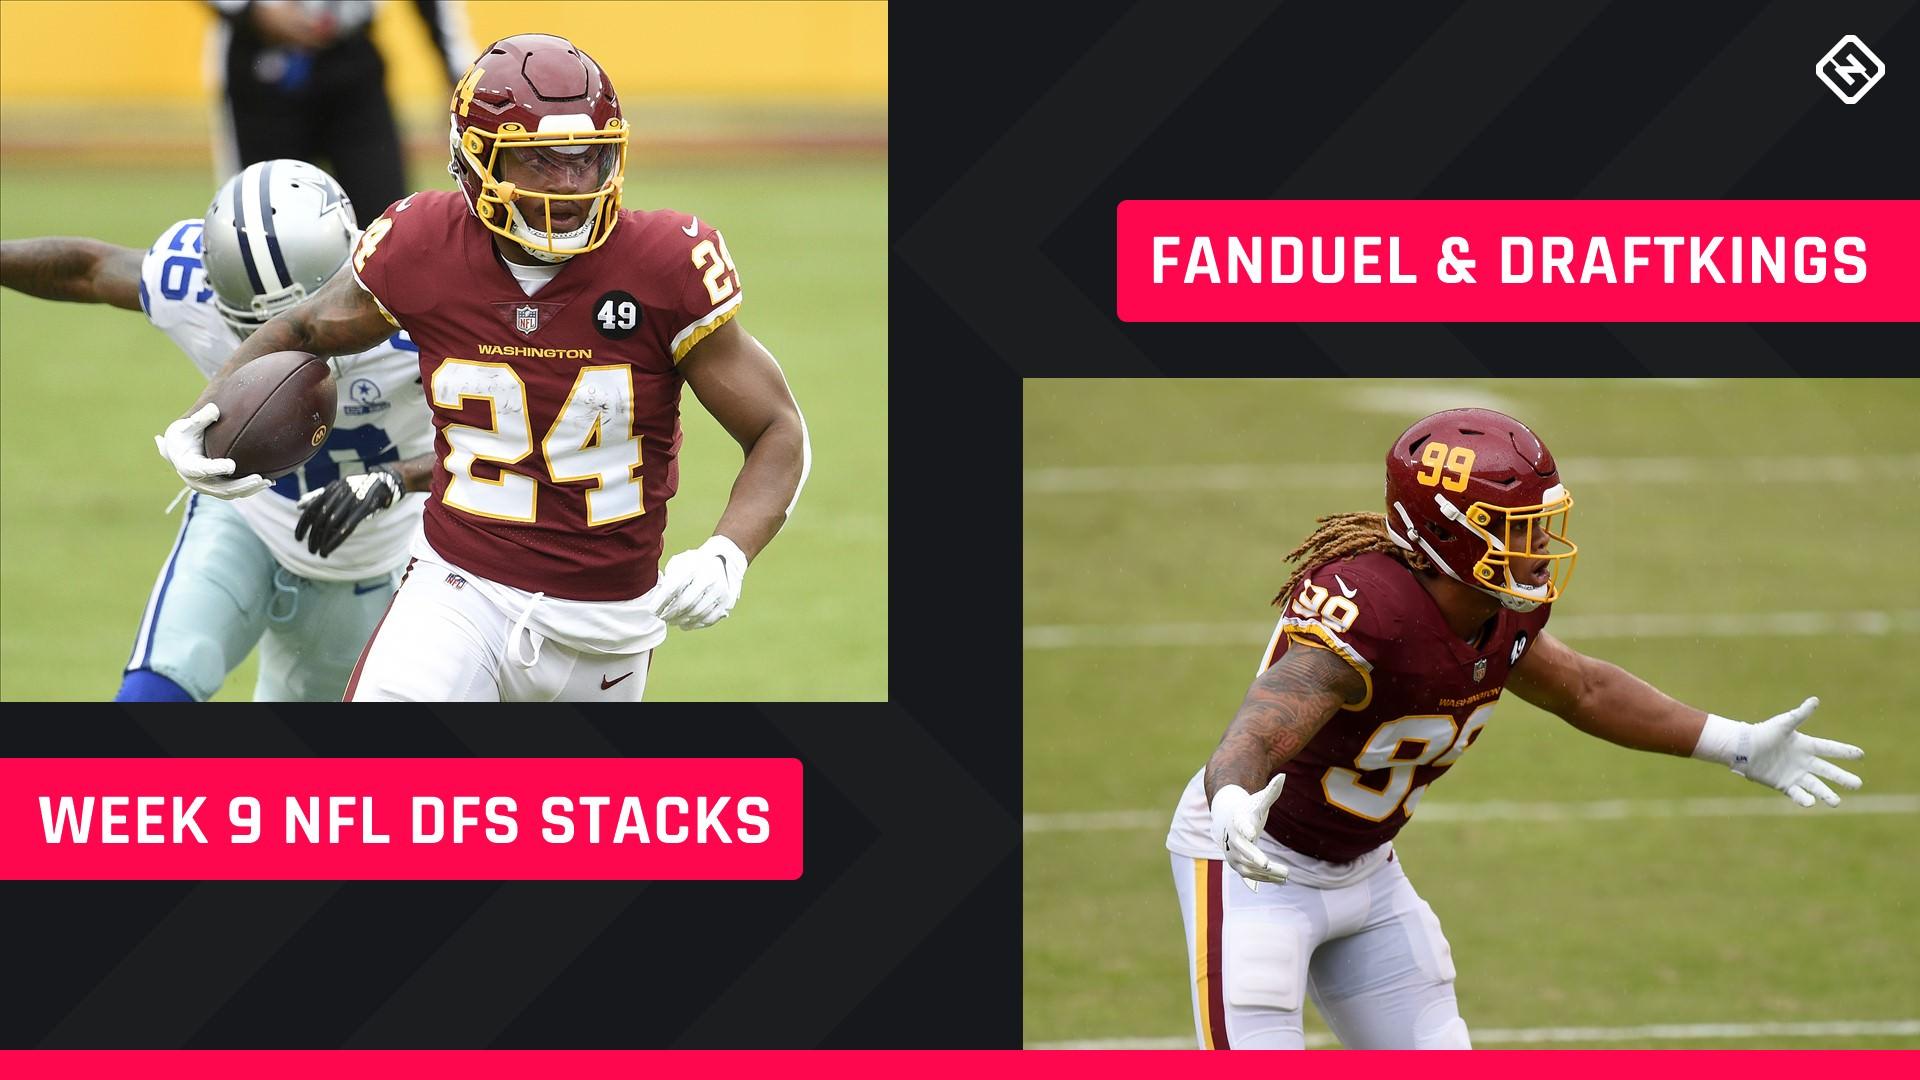 Semana 9 NFL DFS Stacks: melhores escolhas de lineup para DraftKings, torneios FanDuel, jogos a dinheiro